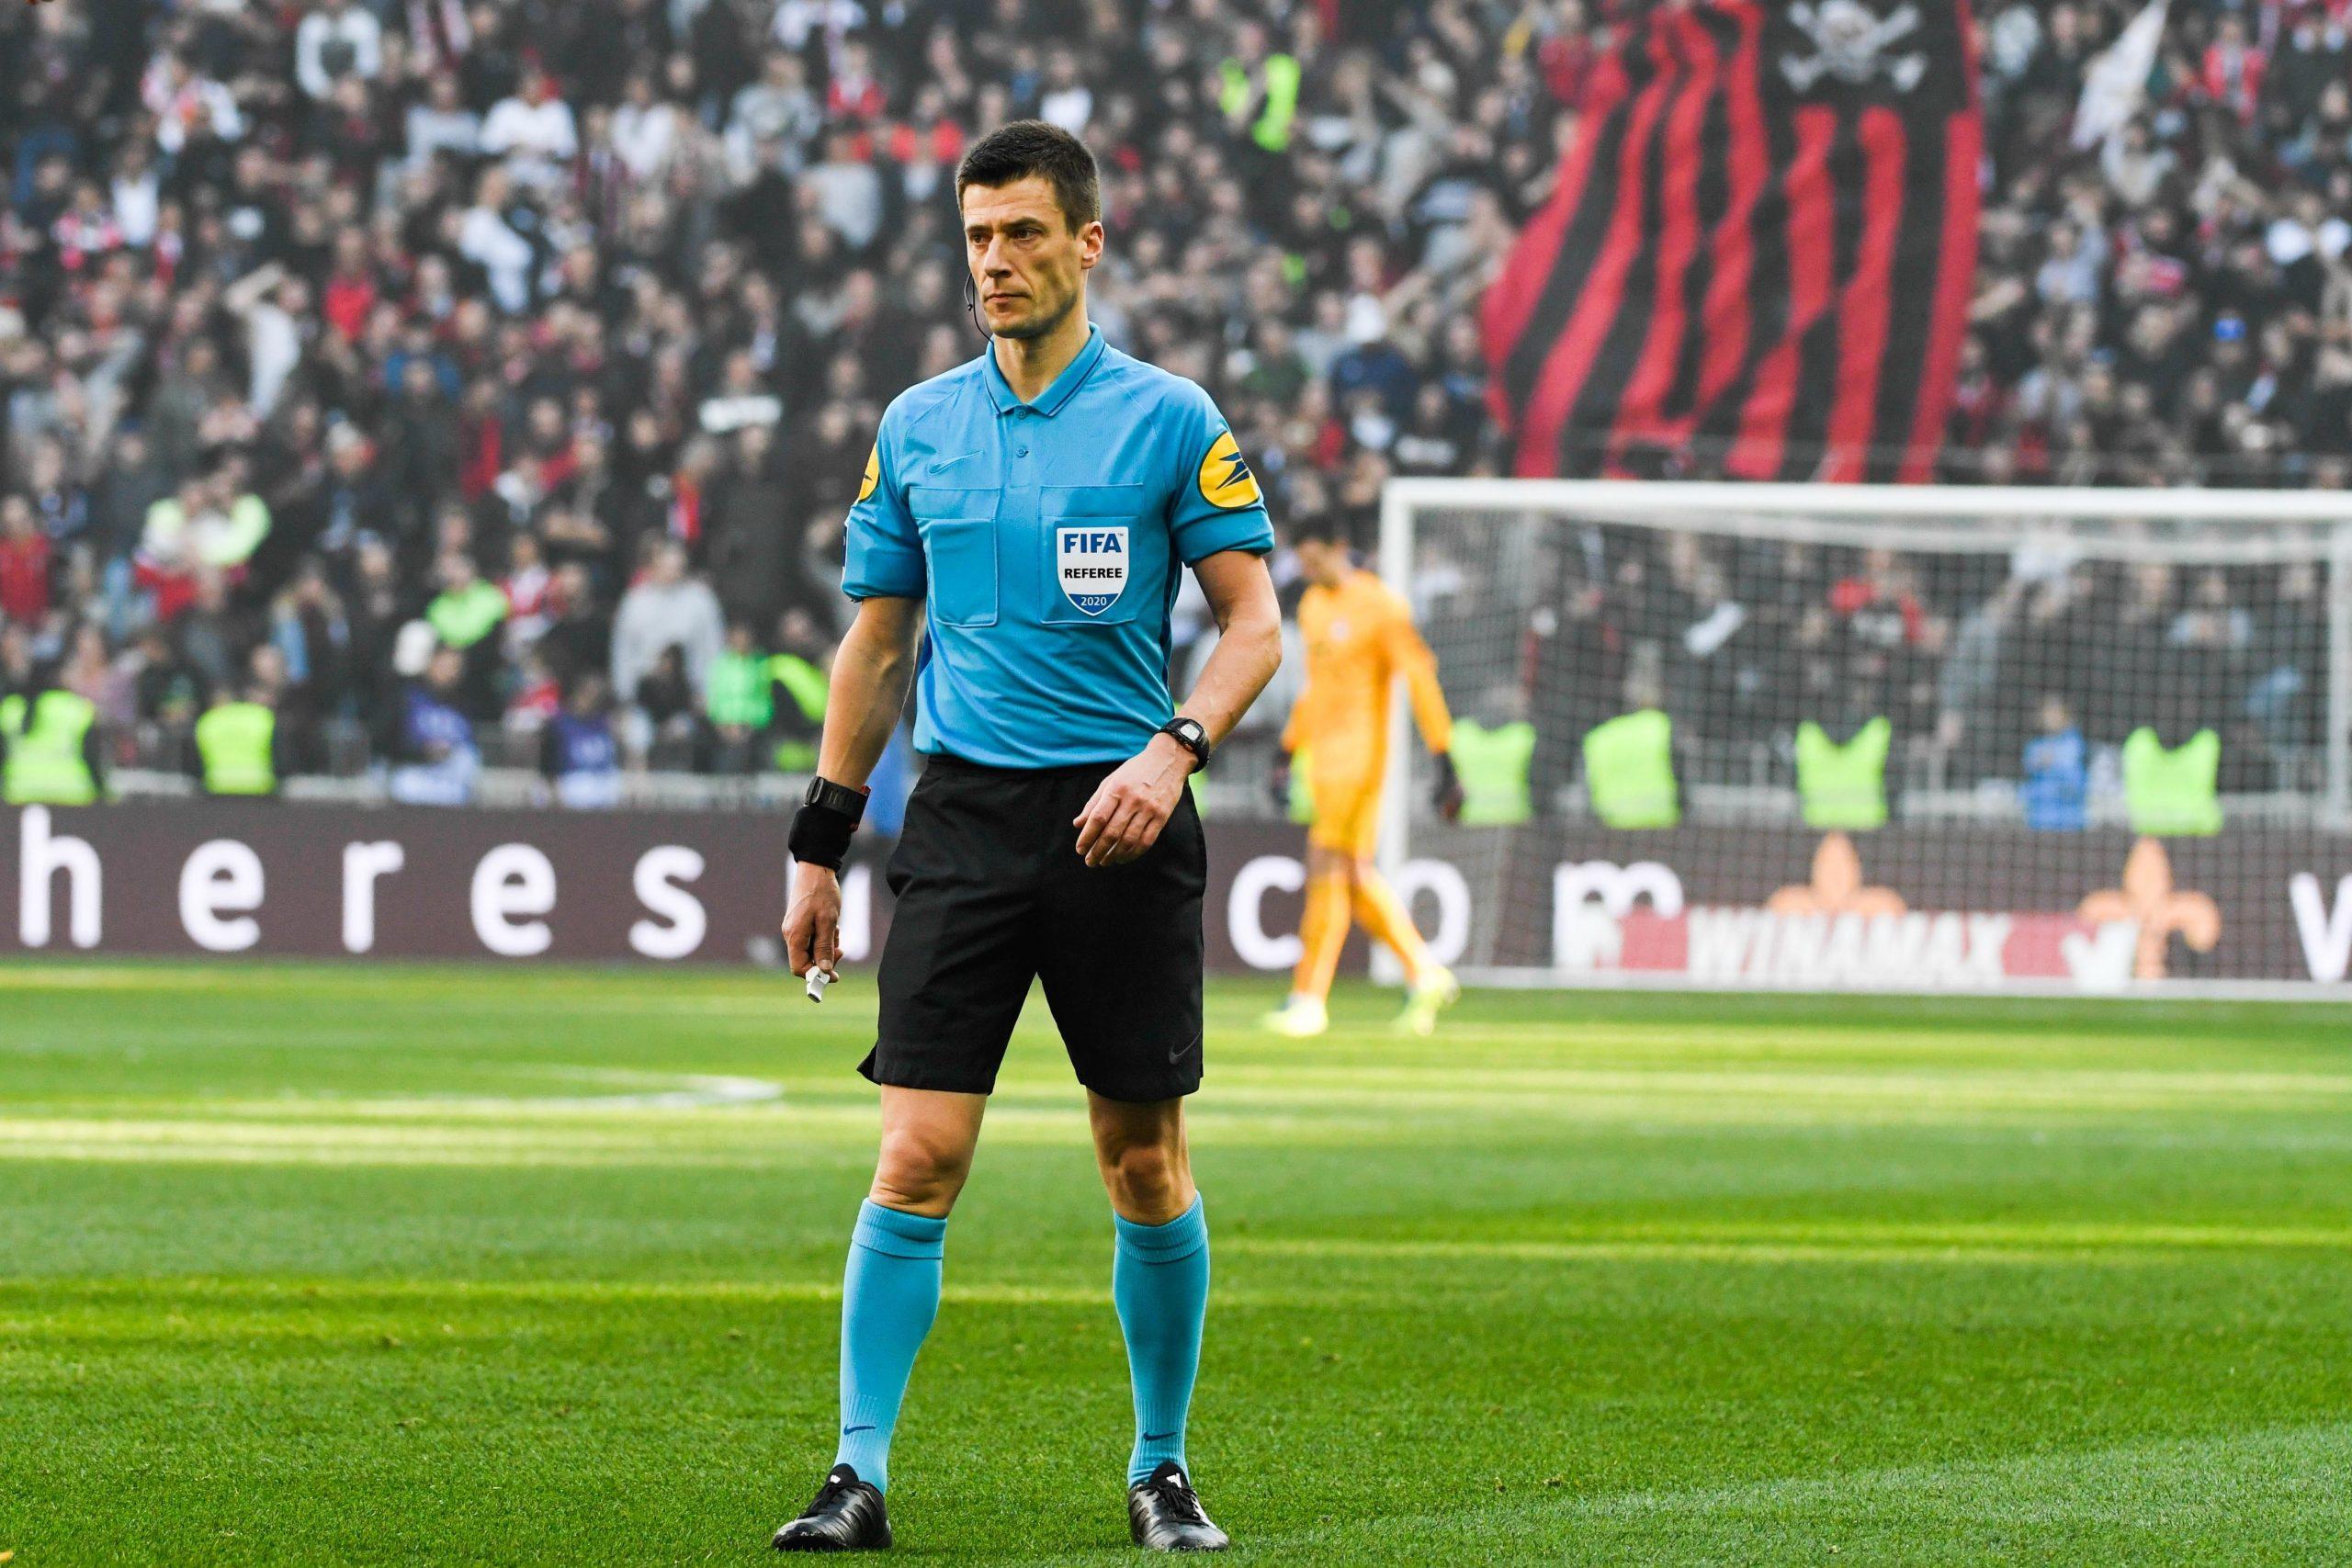 PSG/Lille - Bastien arbitre du match, attentions aux cartons jaunes et rouges